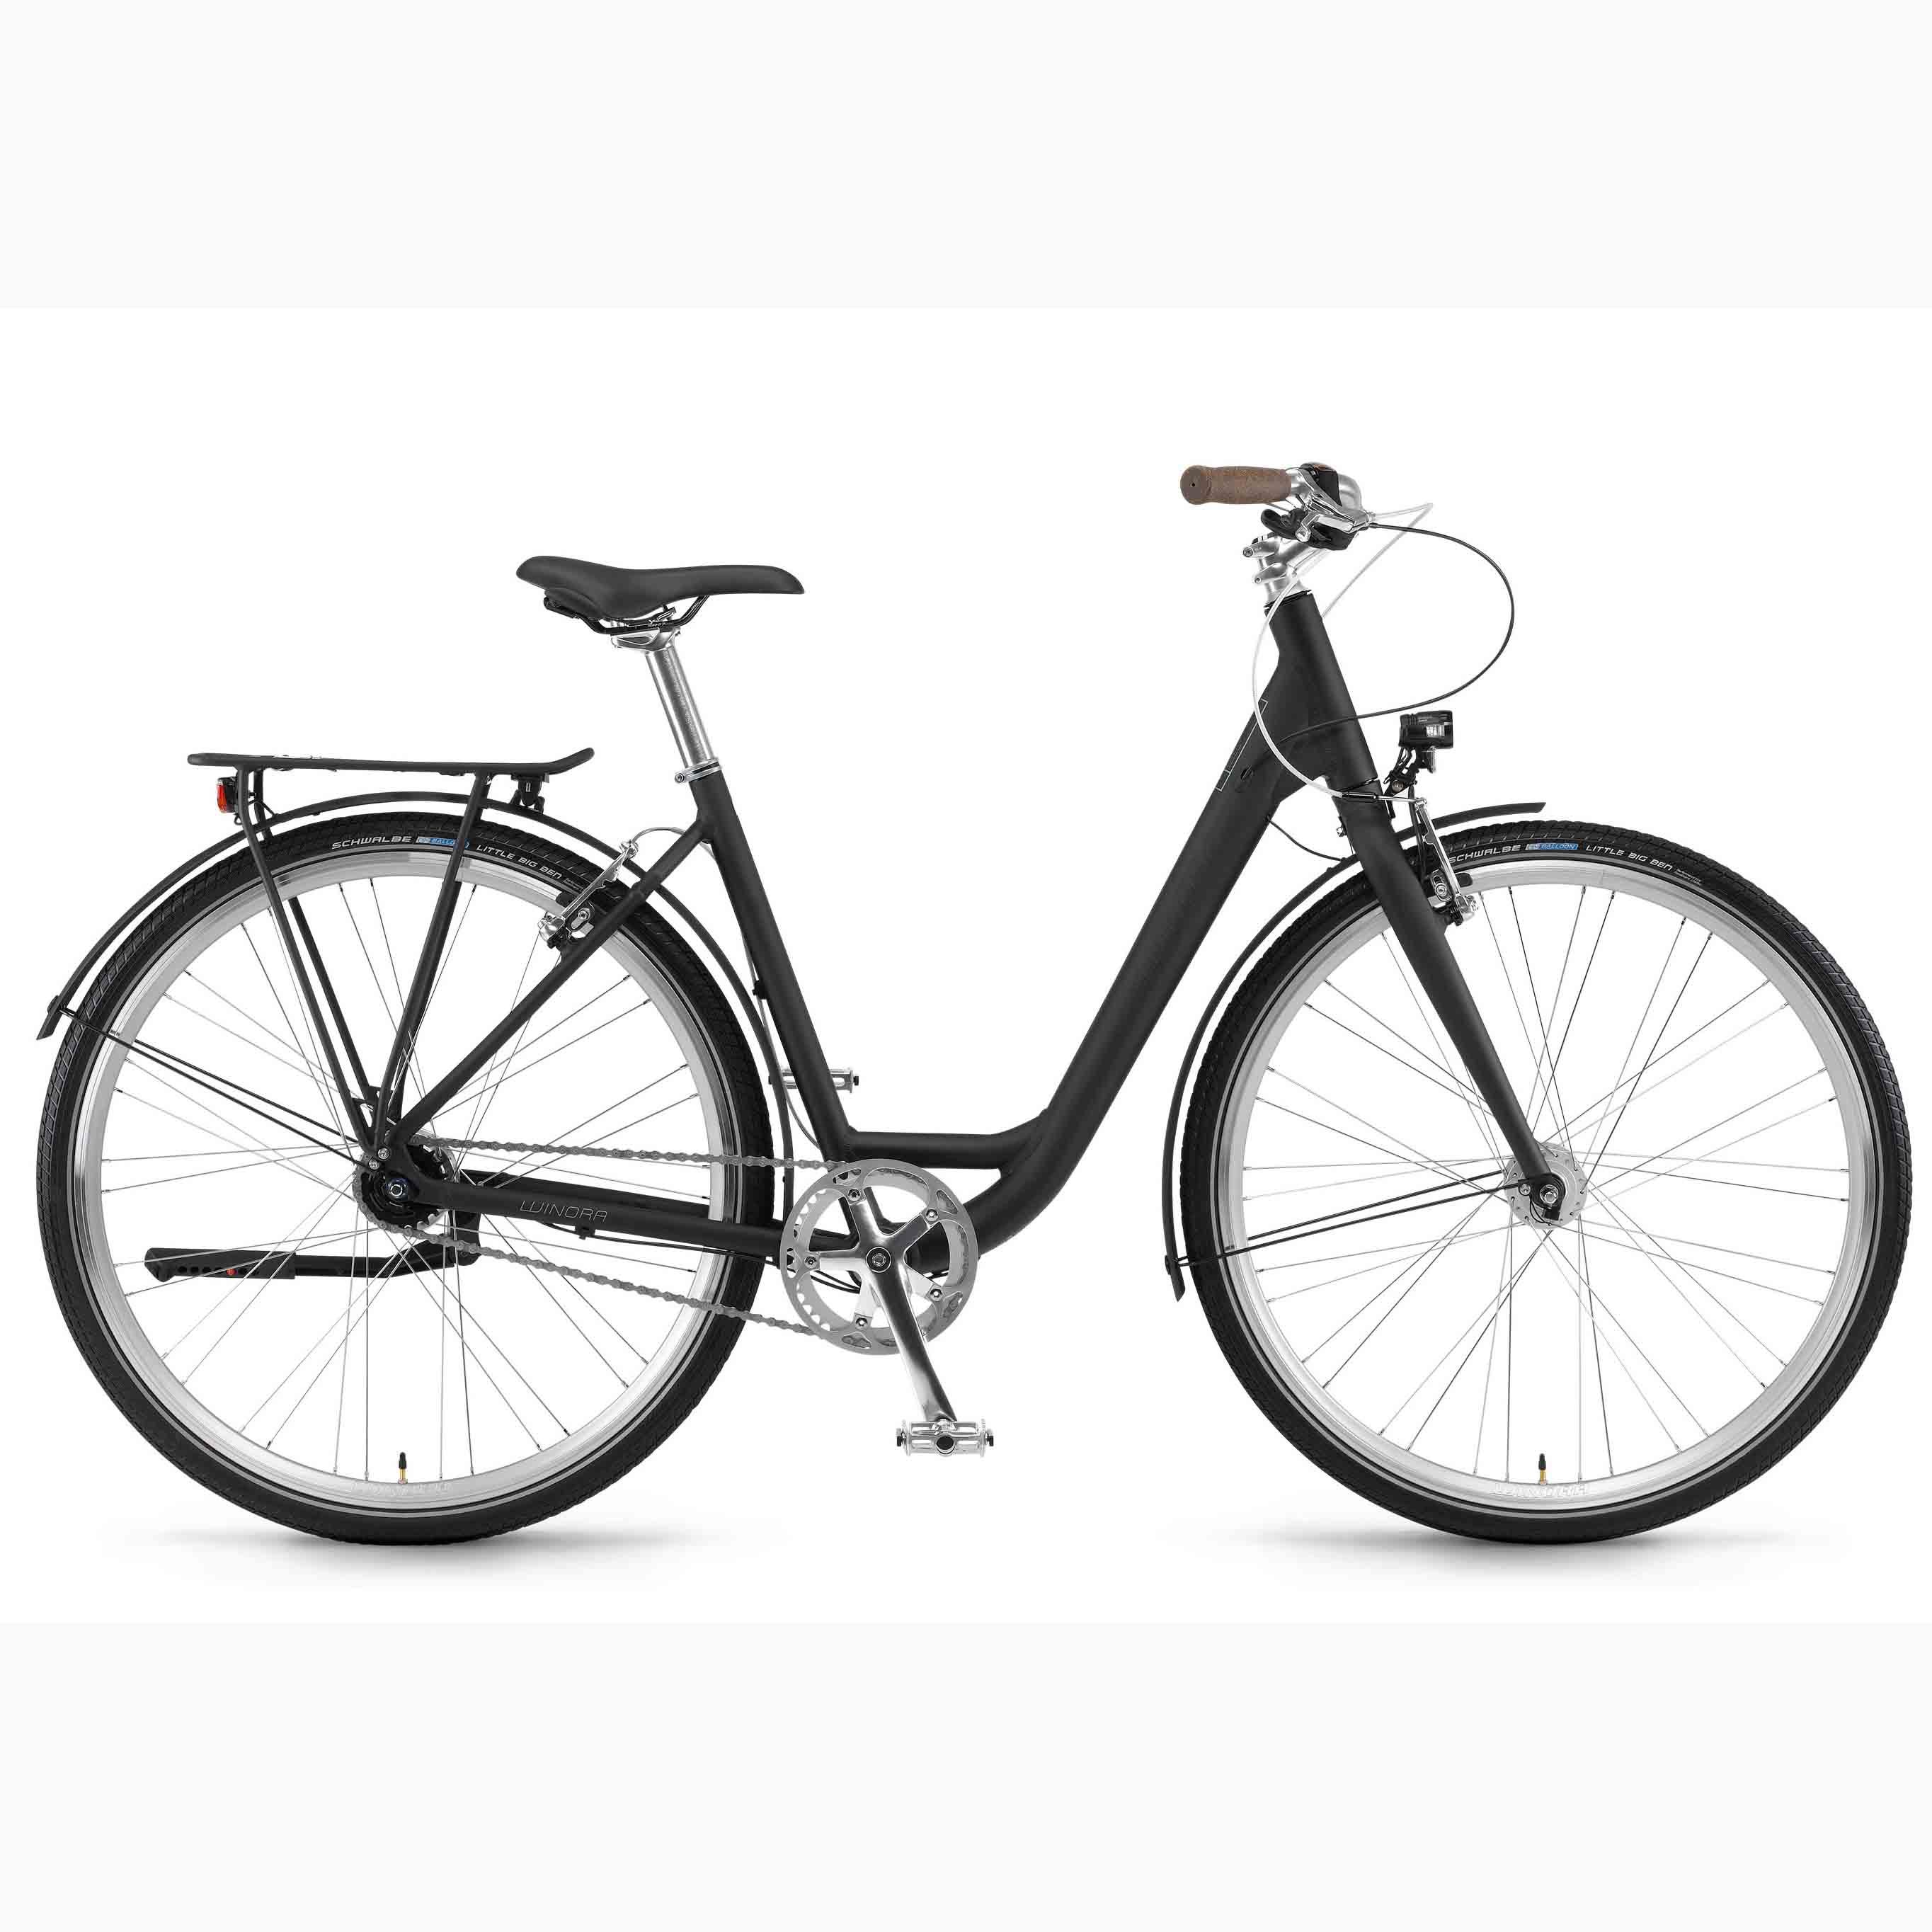 Фото Велосипед Winora Lane Monotube 28″ 7s Nexus  FW, рама 46см, 2018